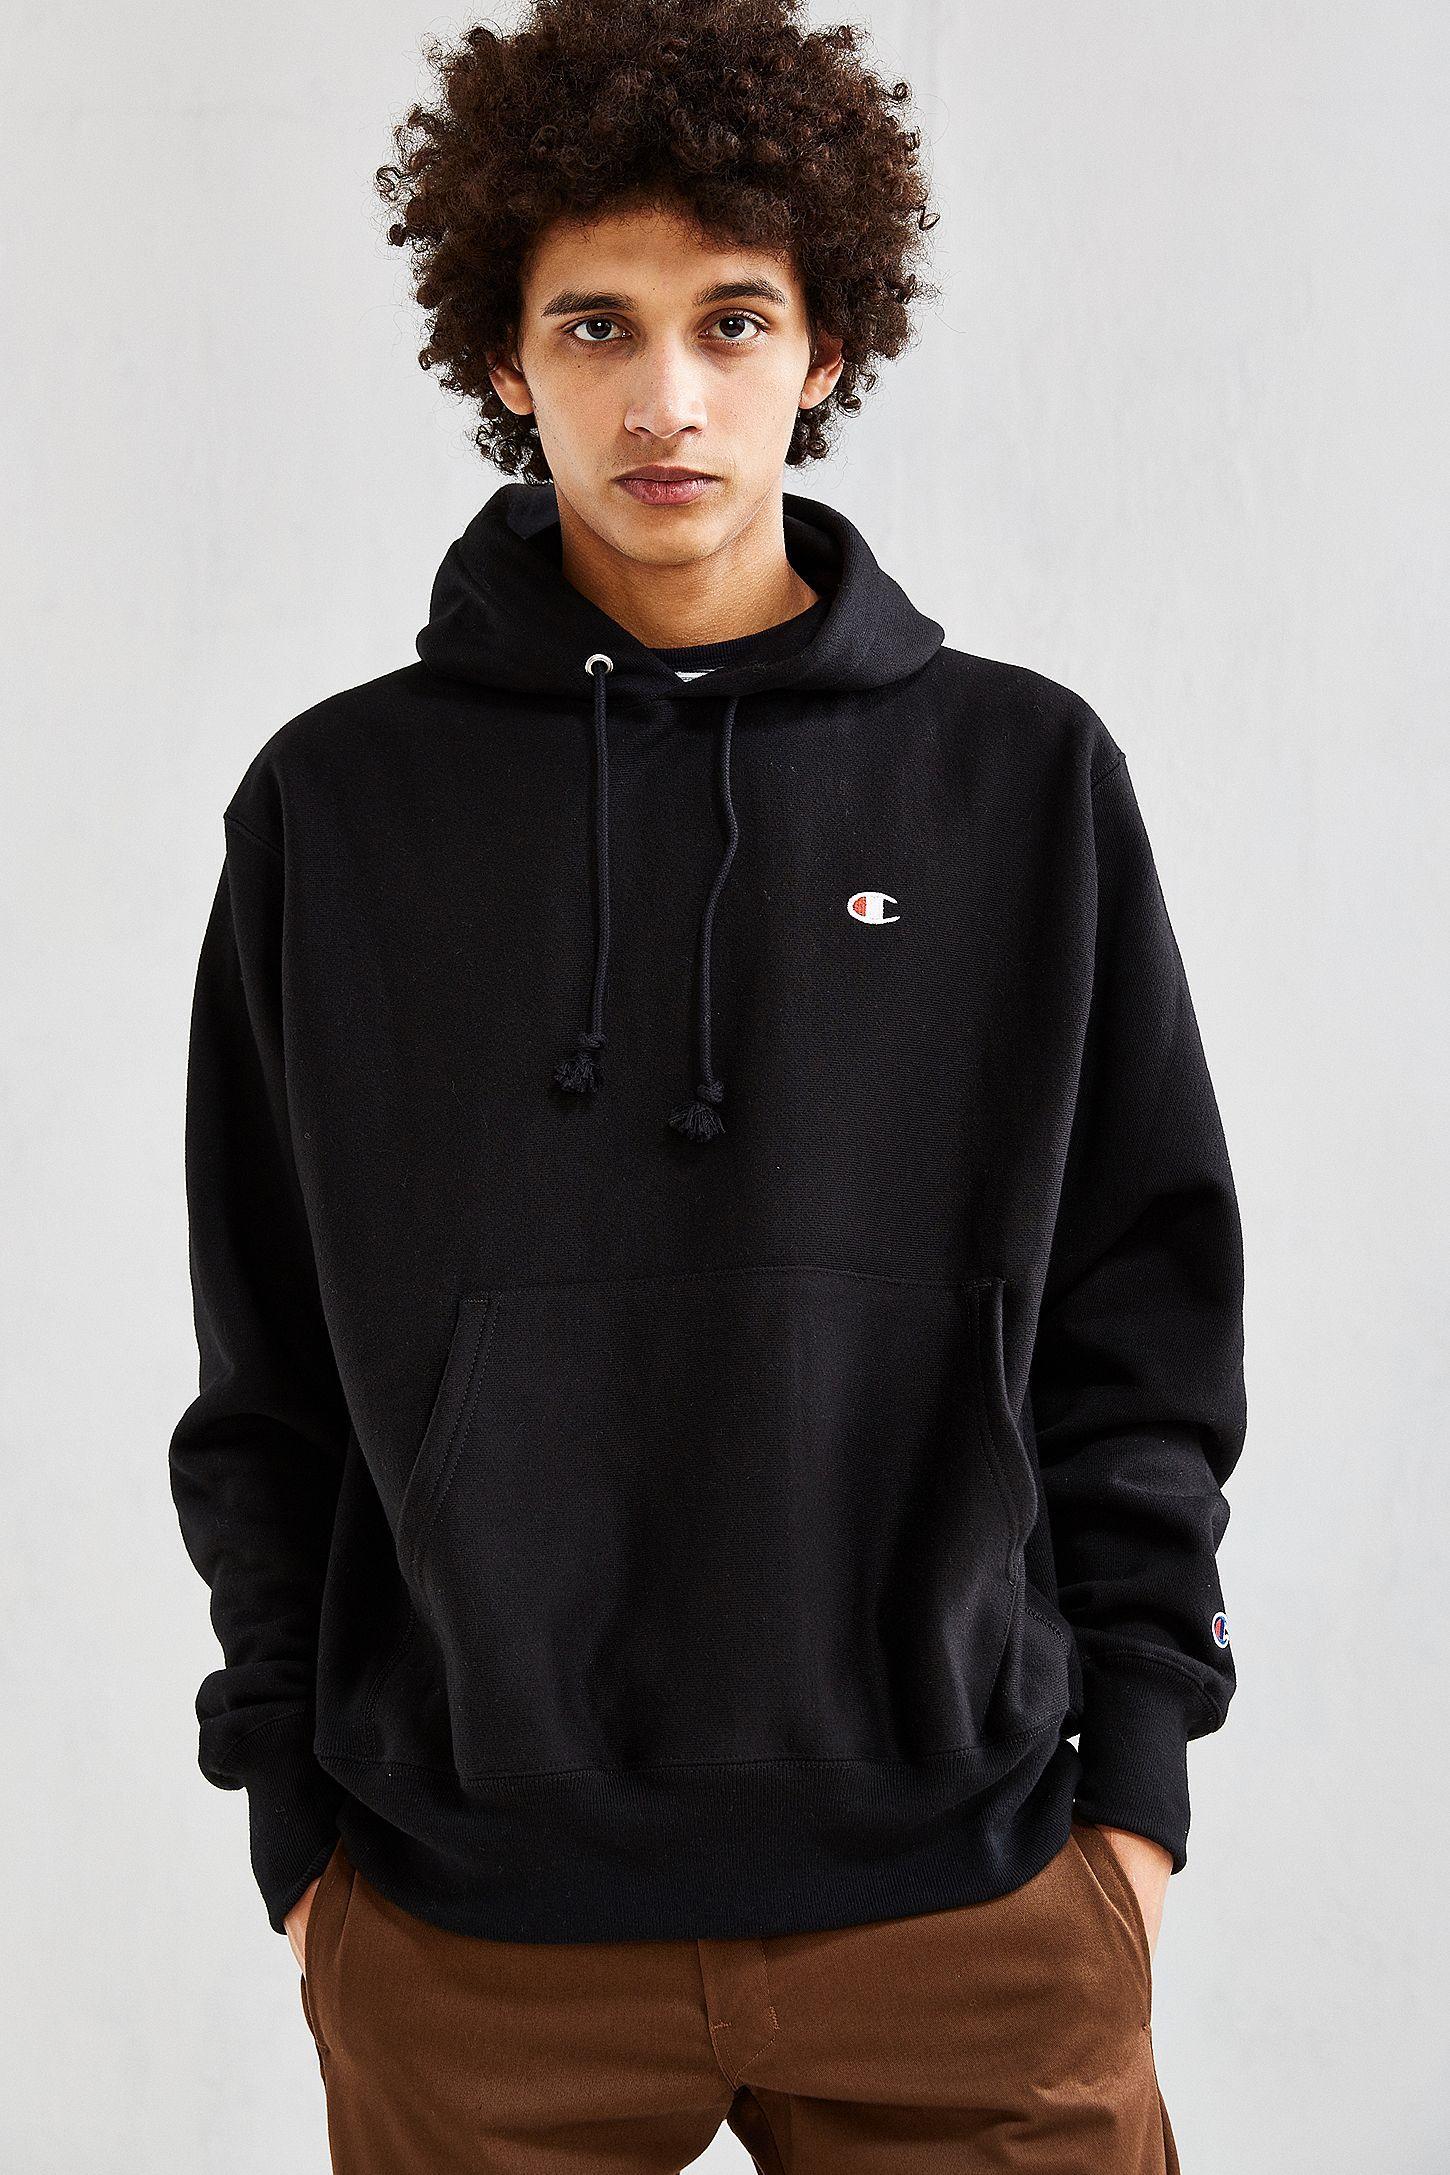 Champion Reverse Weave Hoodie Sweatshirt Sweatshirts Hoodie Champion Clothing Hoodies [ 2175 x 1450 Pixel ]